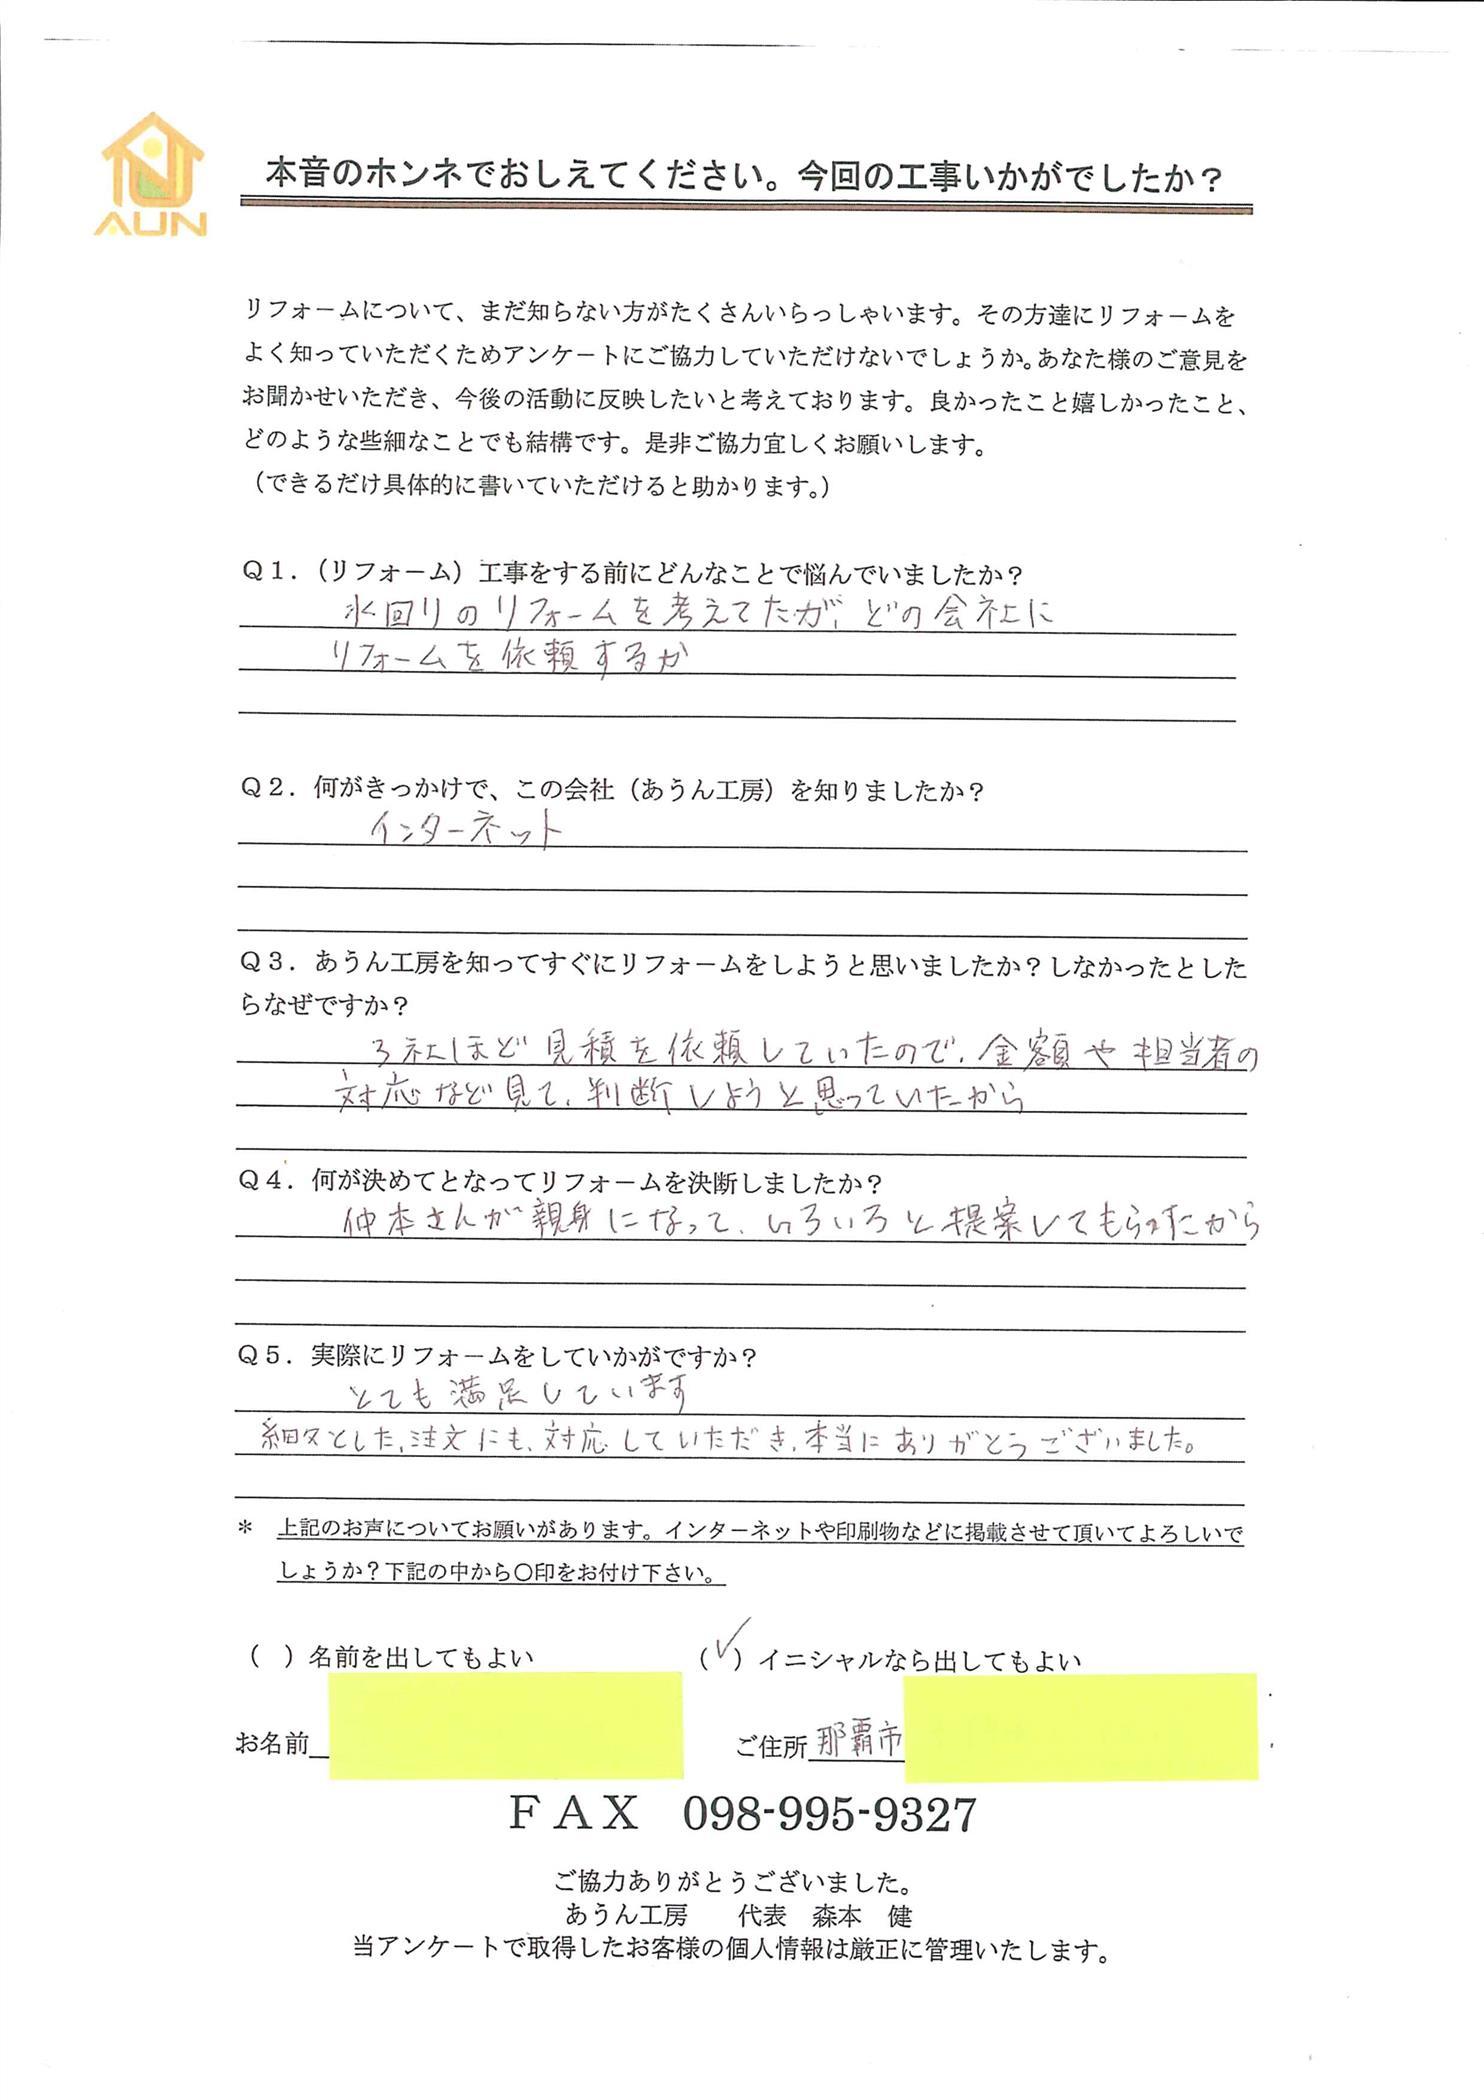 沖縄・那覇のリフォーム 実際のアンケートの画像:中古住宅購入後のリフォーム